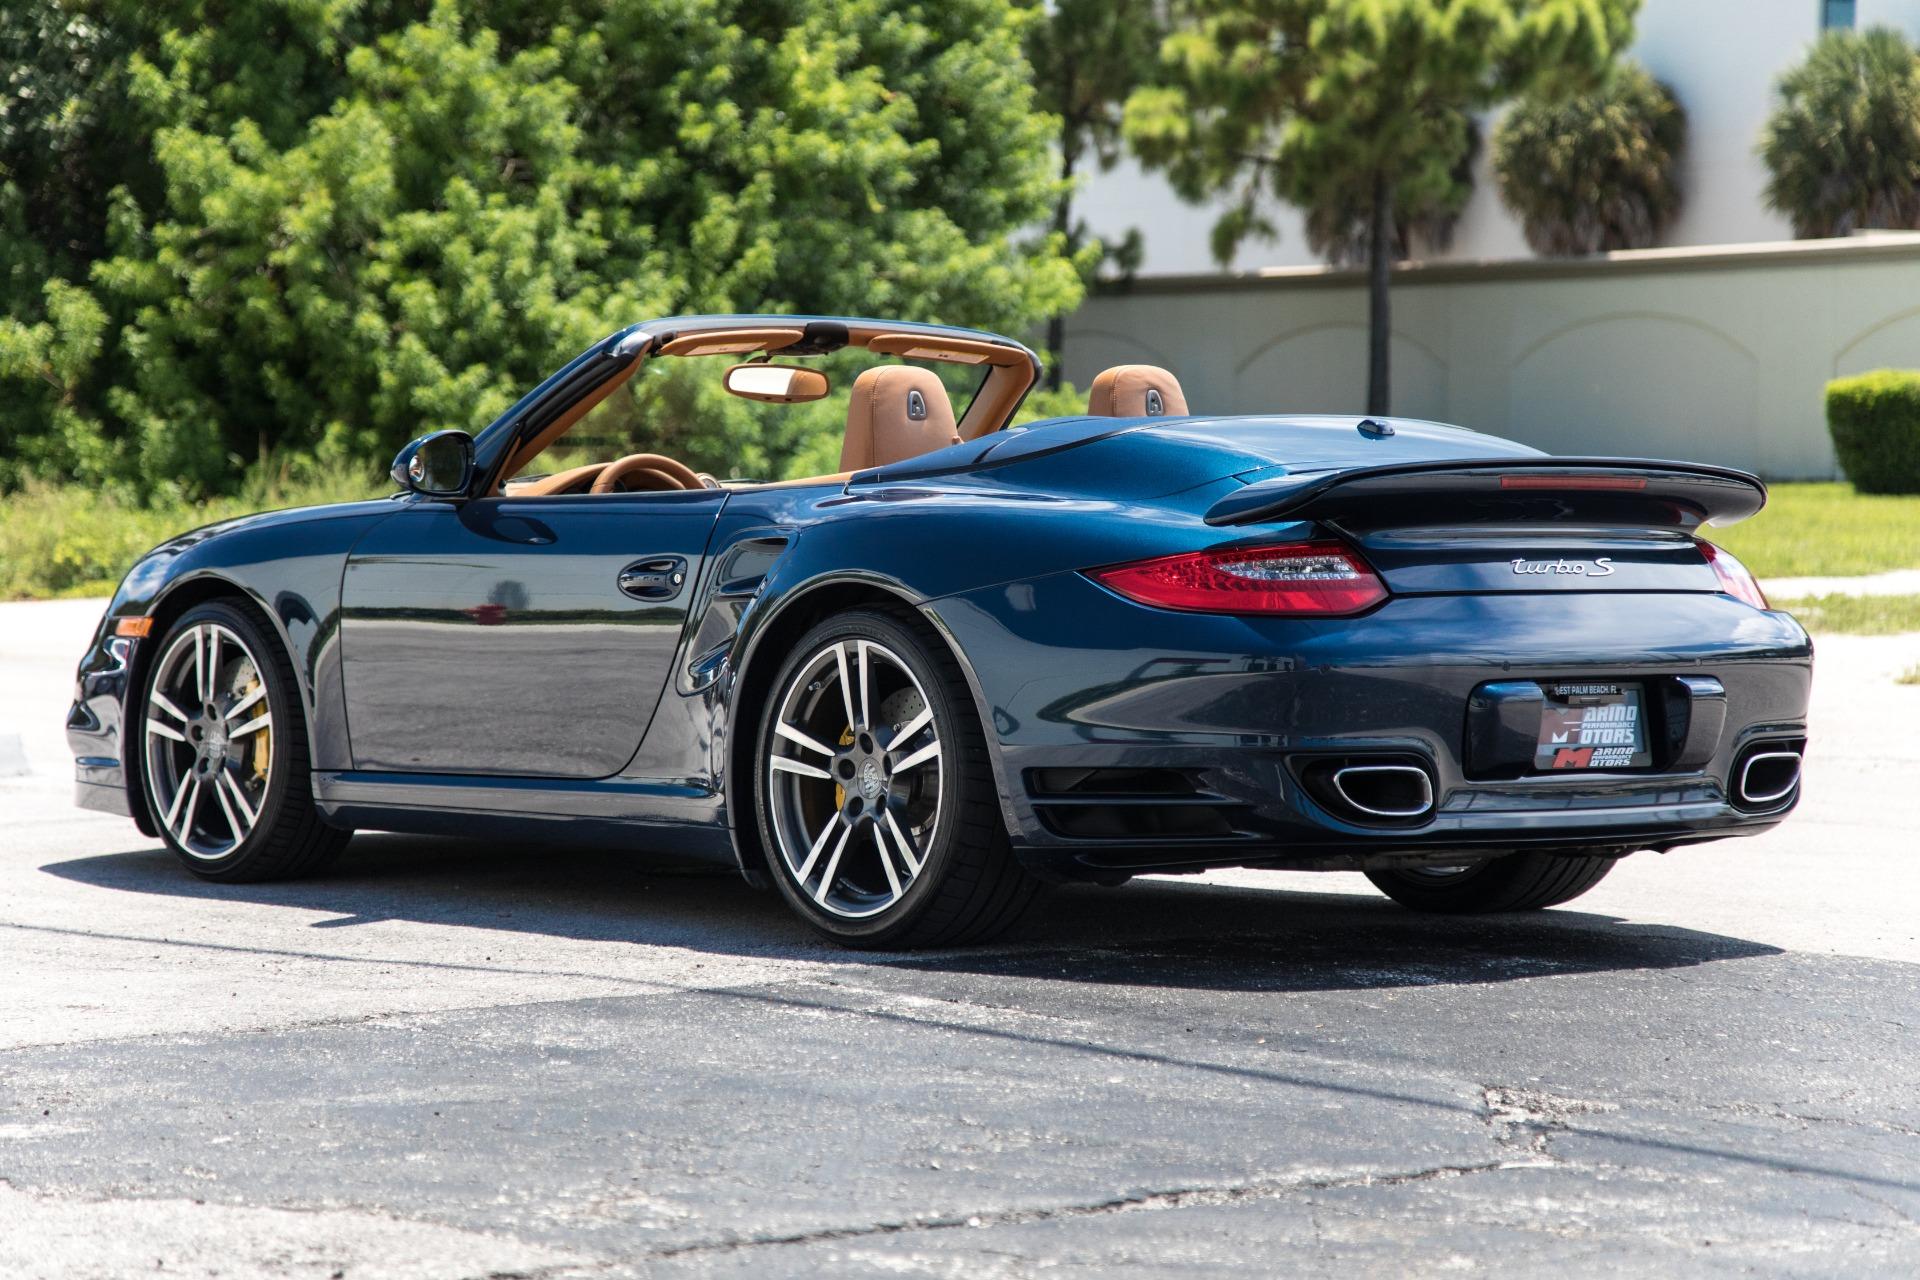 Used-2011-Porsche-911-Turbo-S